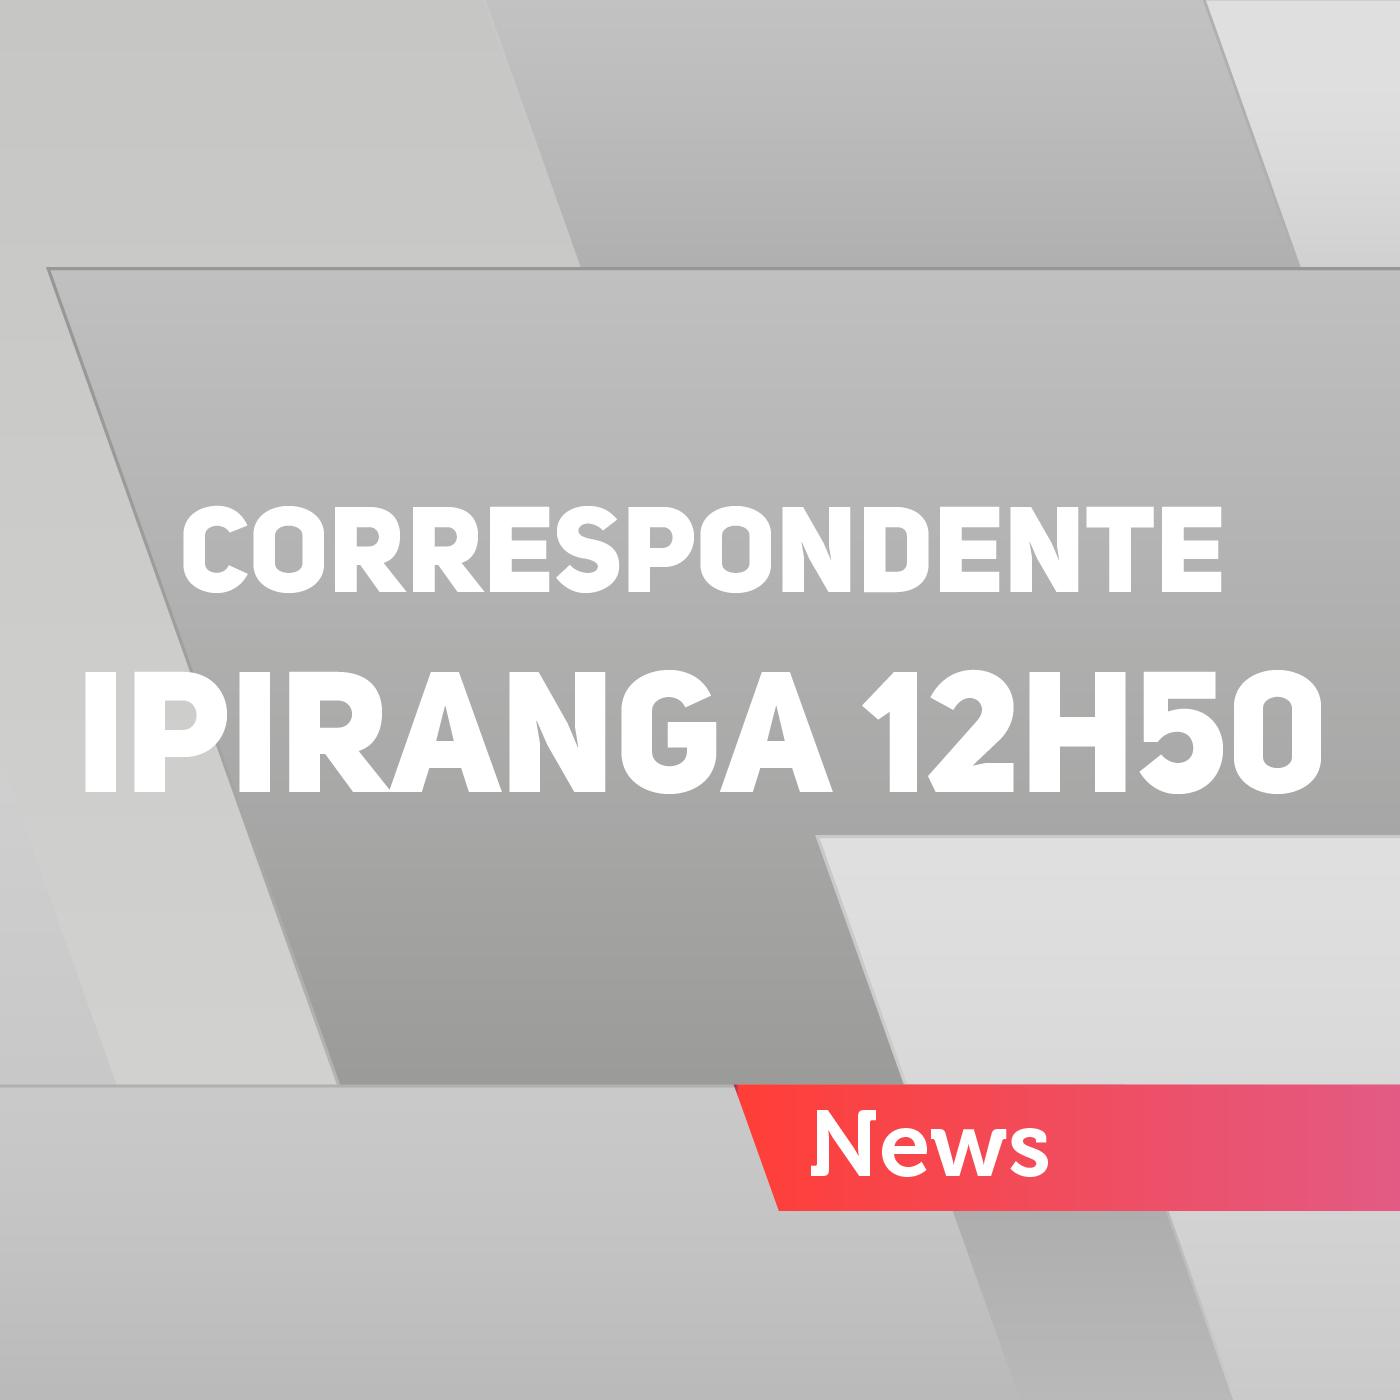 Correspondente Ipiranga 12h50 - 24/07/2017